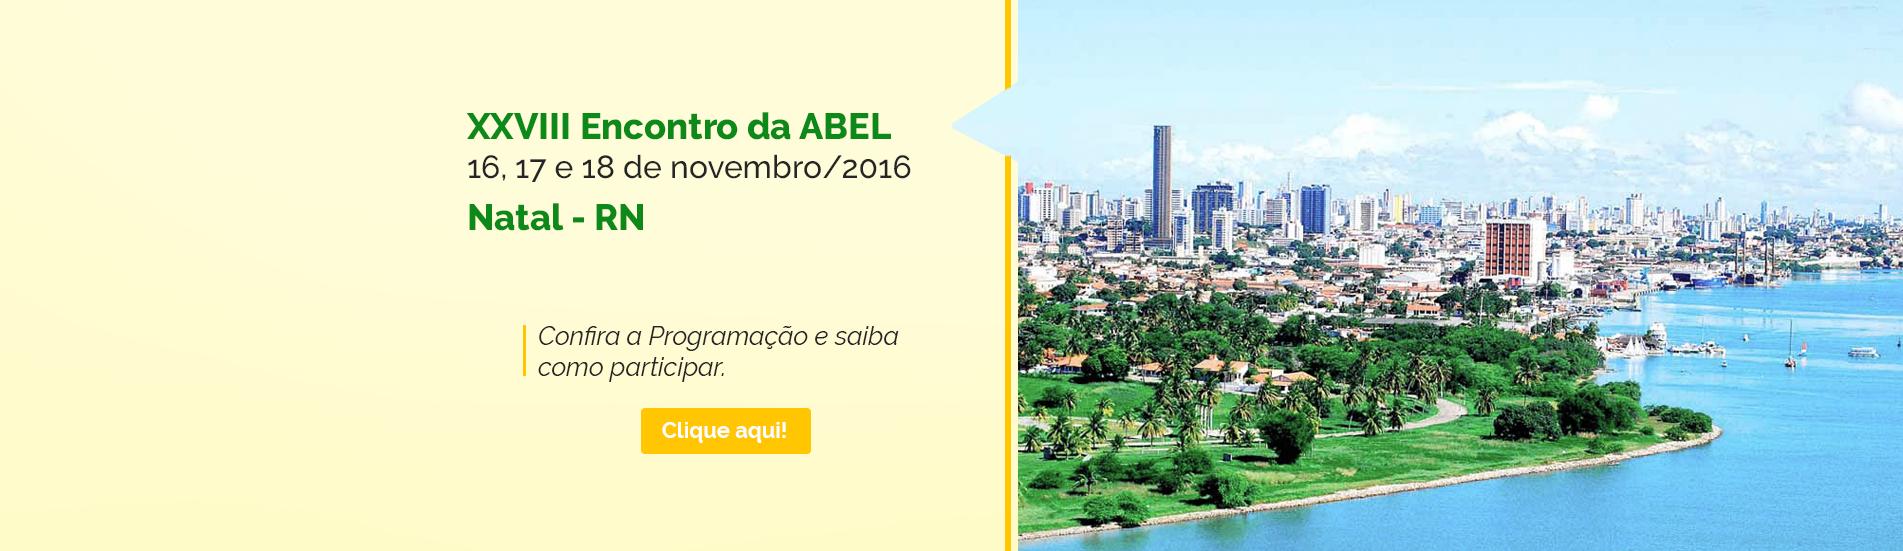 abel-banner-29-09-16